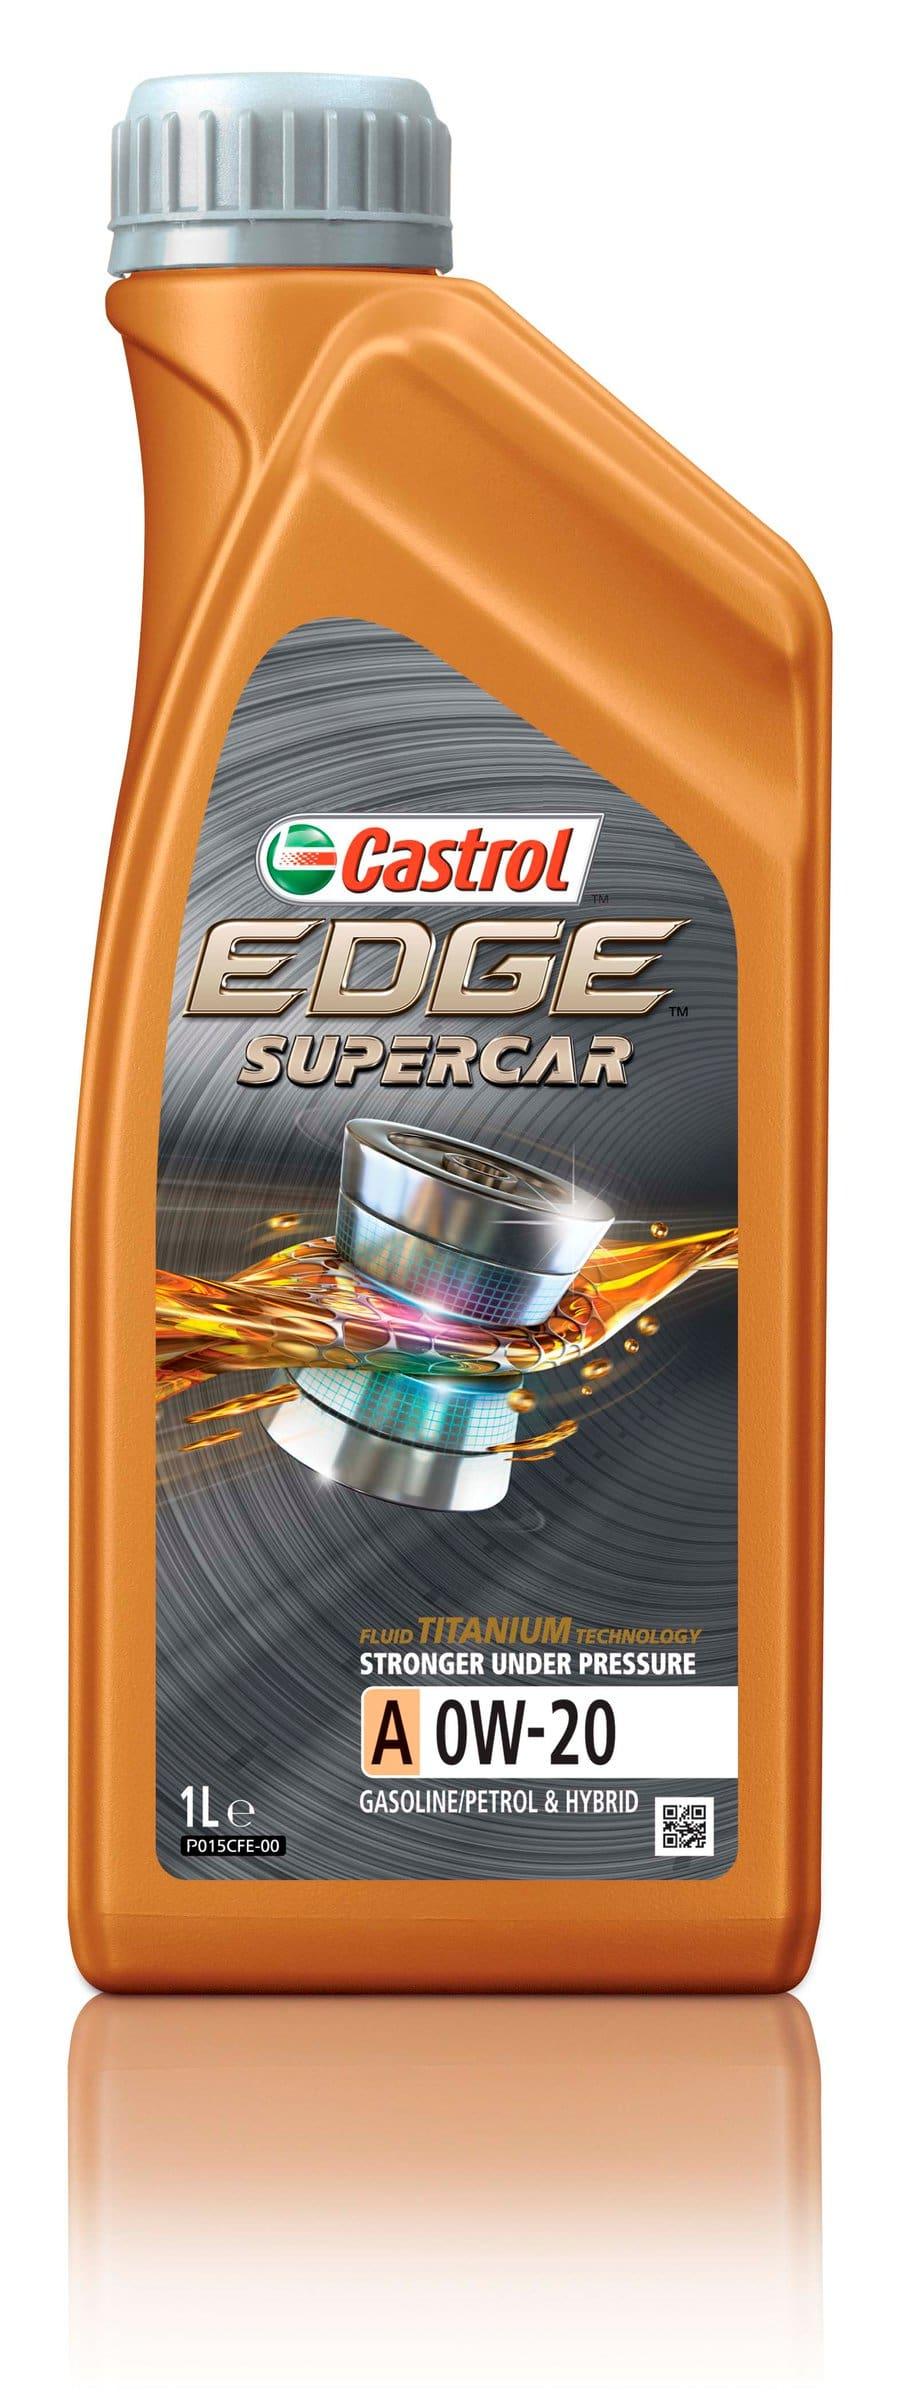 Castrol Edge Supercar A 0W-20 1 L Huile moteur